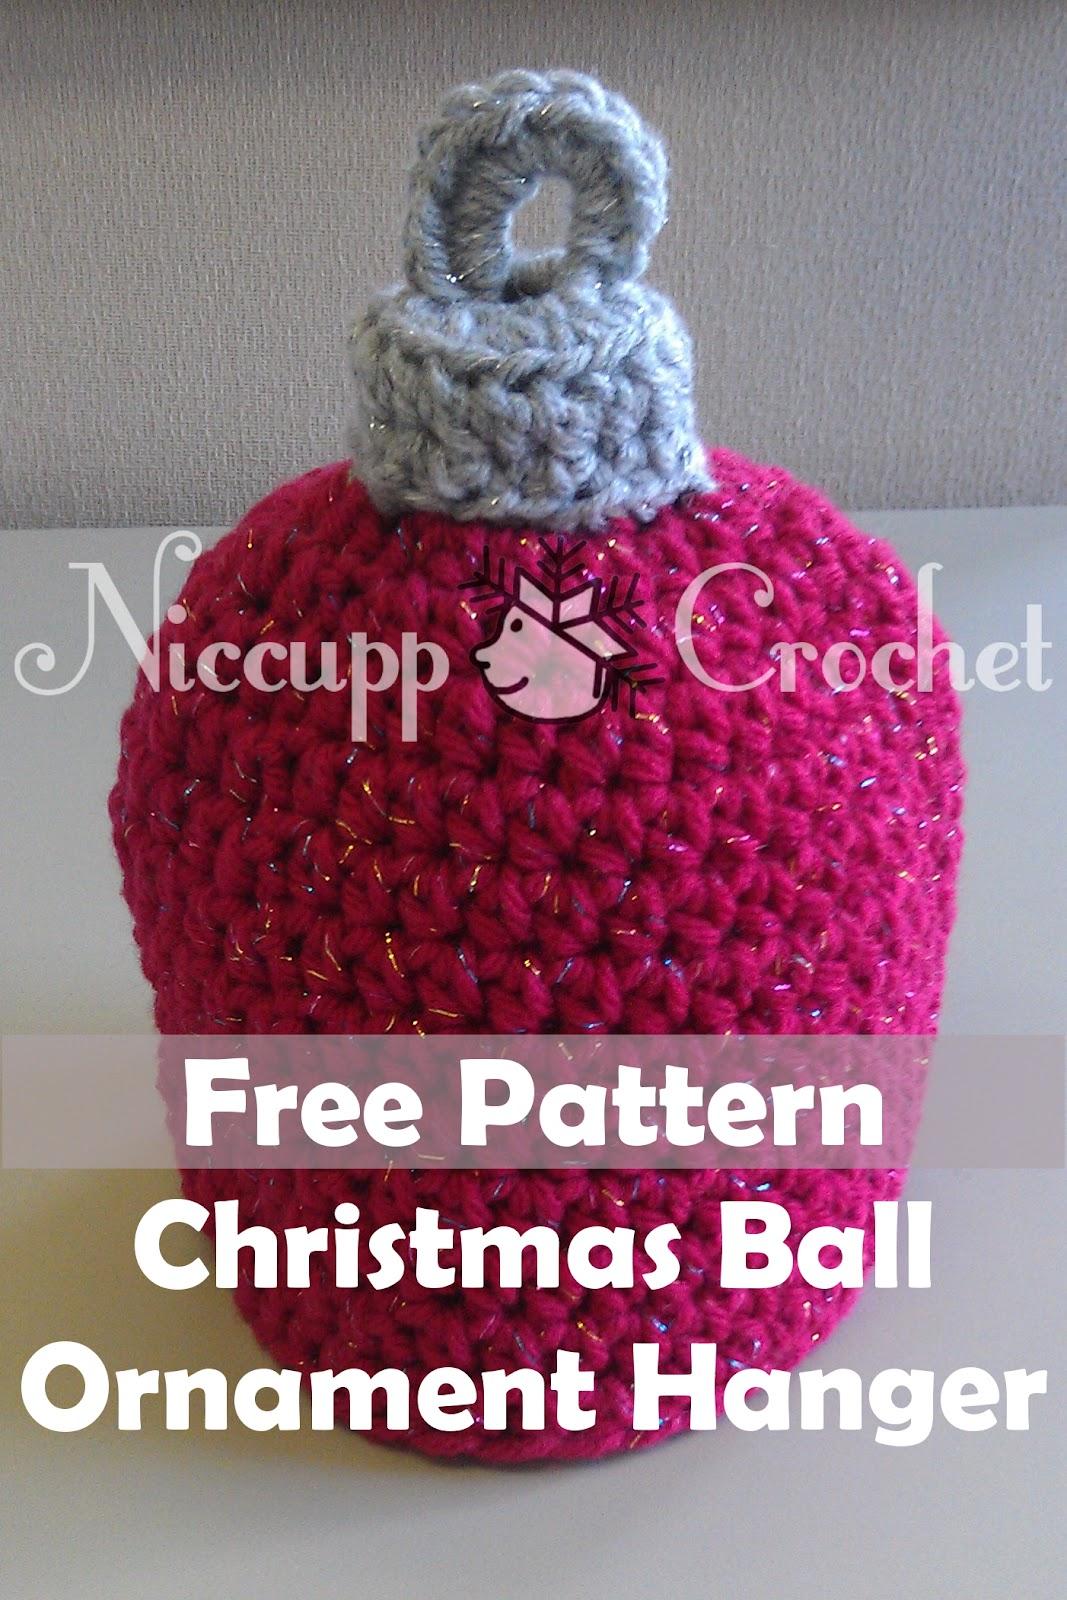 Niccupp Crochet: Christmas Ball Ornament Hanger Crochet ...